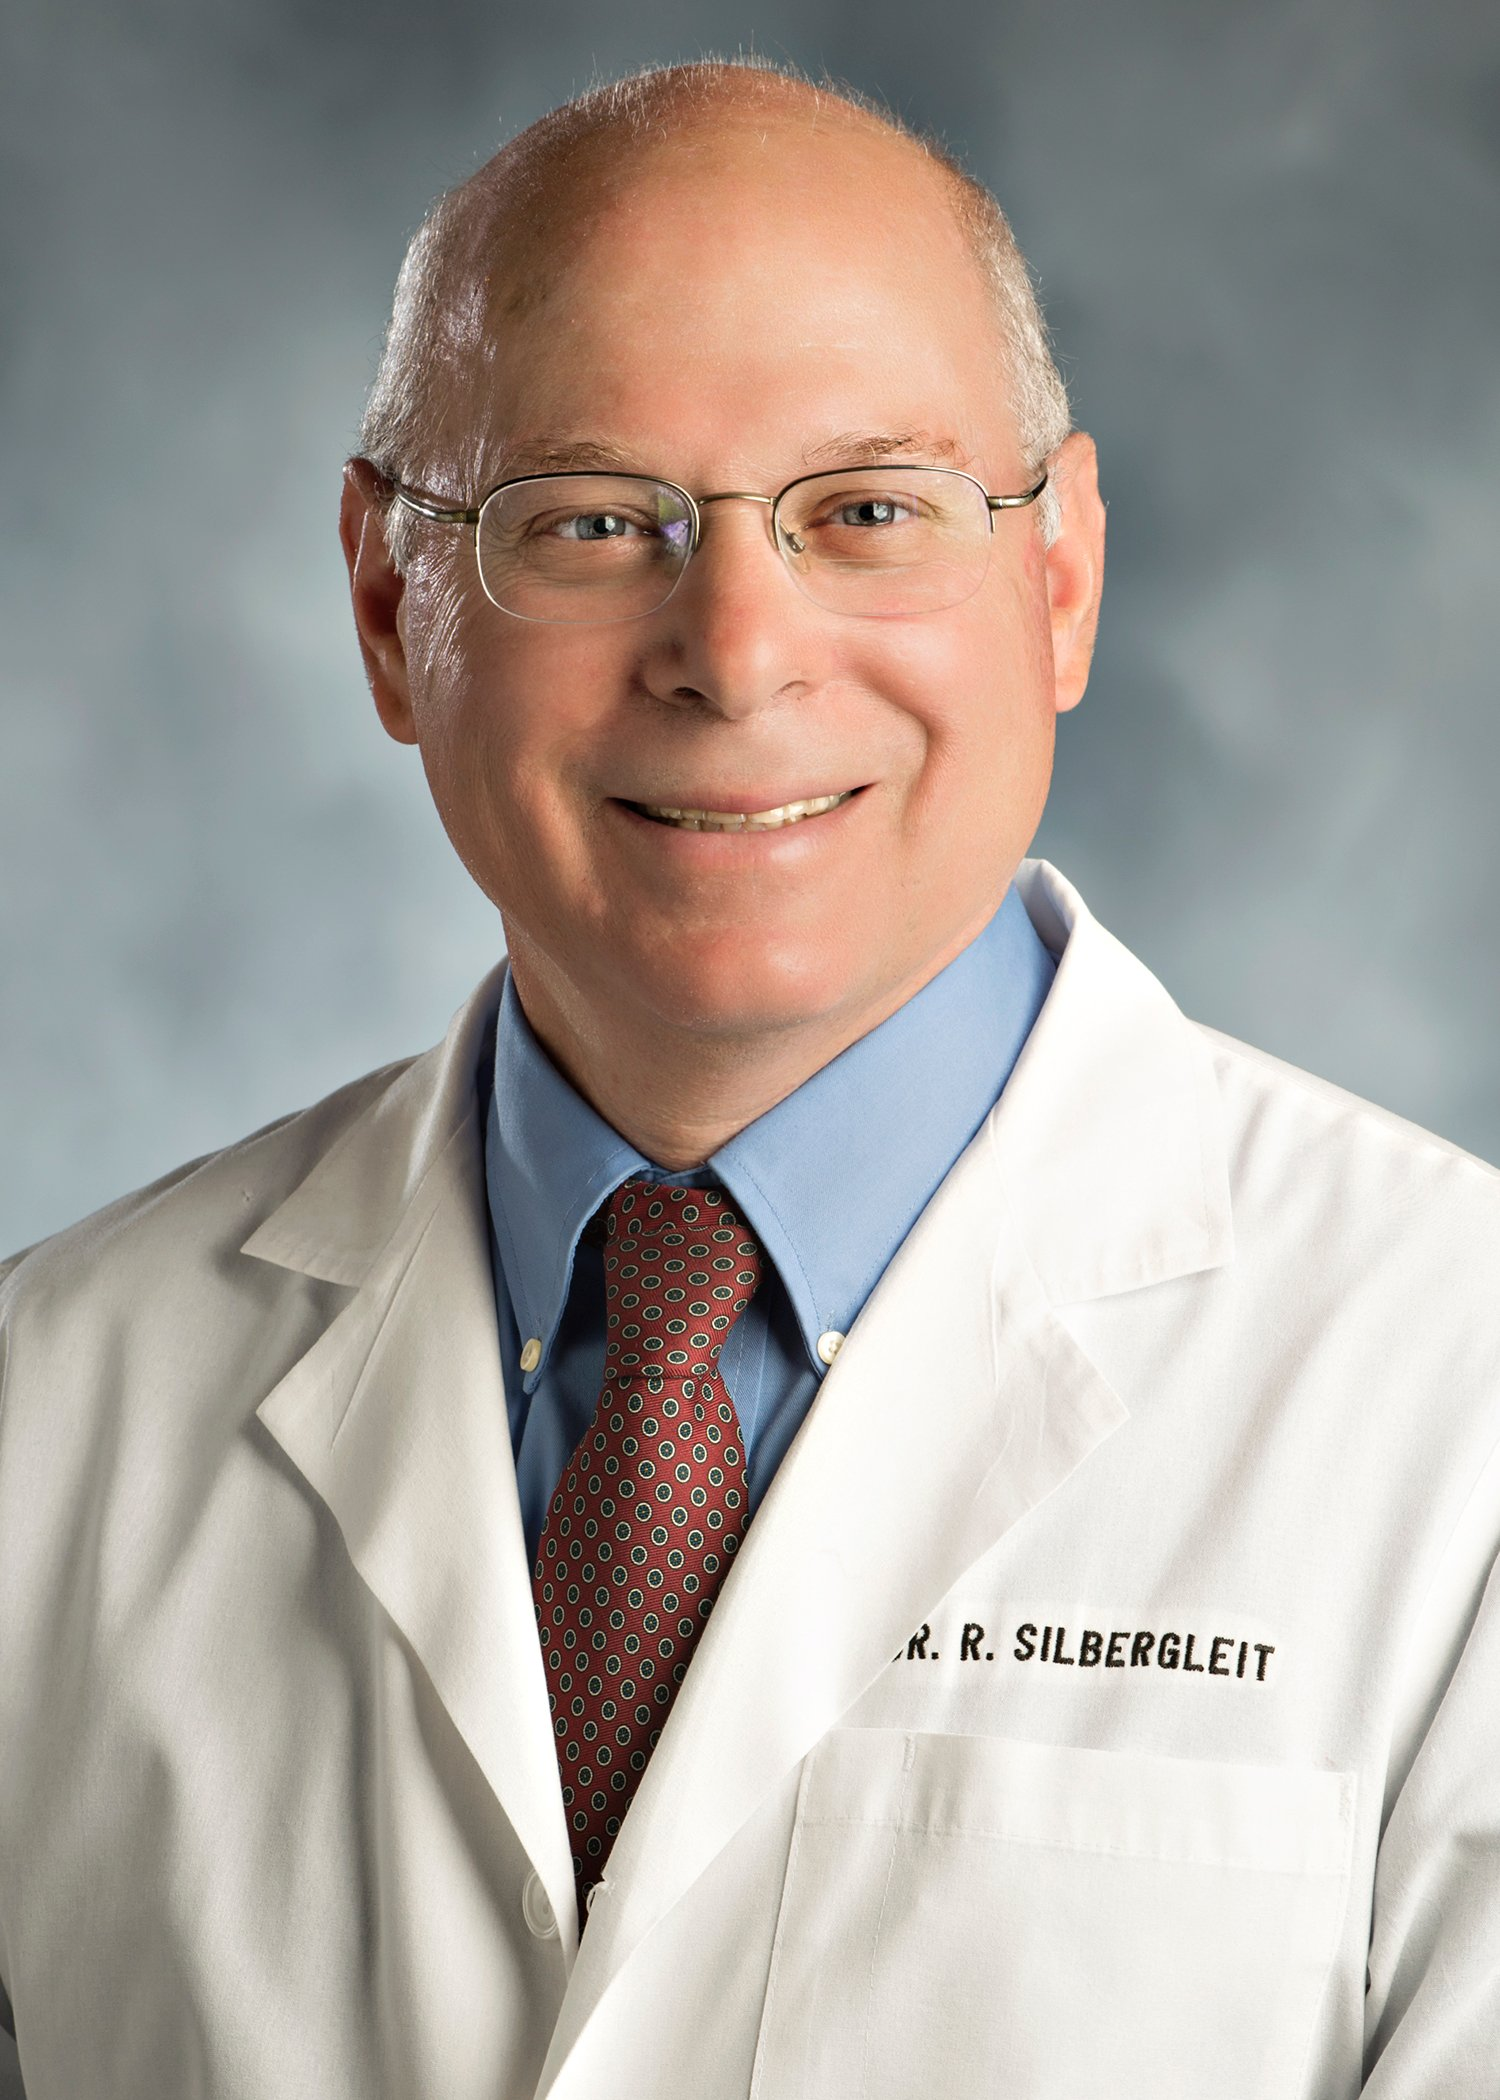 Richard Silbergleit, M D